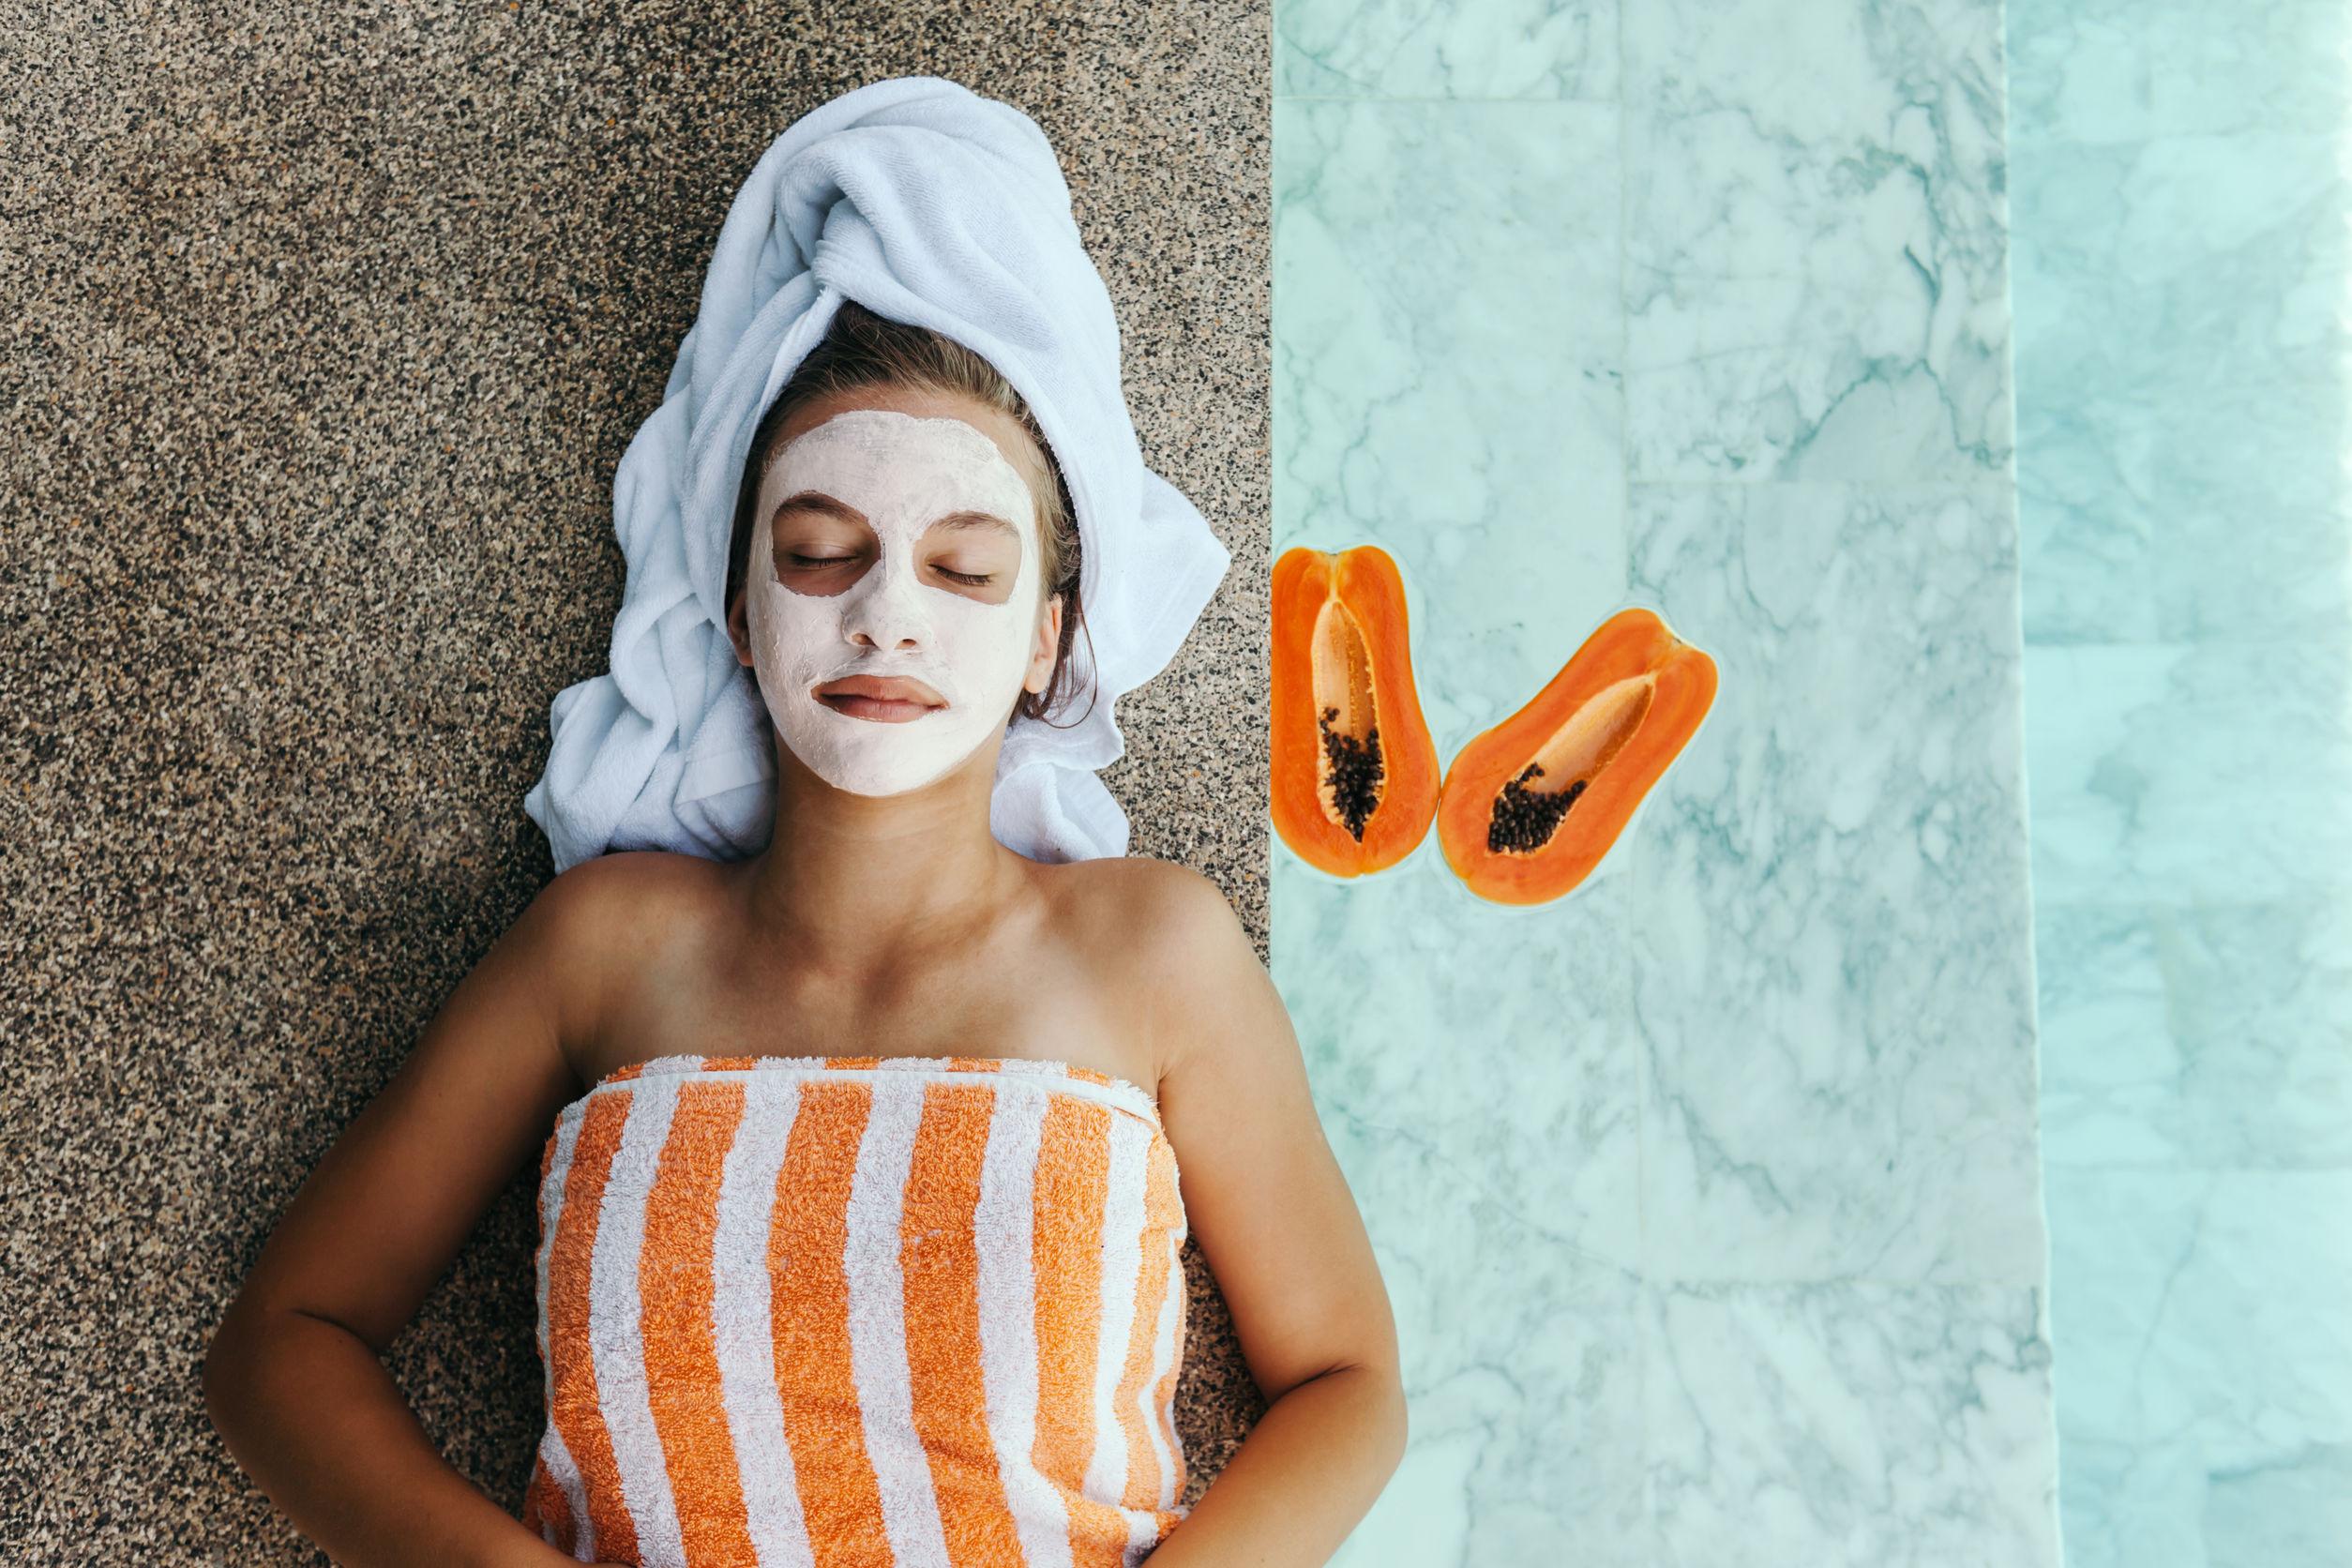 Gesichtsmaske: Test & Empfehlungen (05/21)